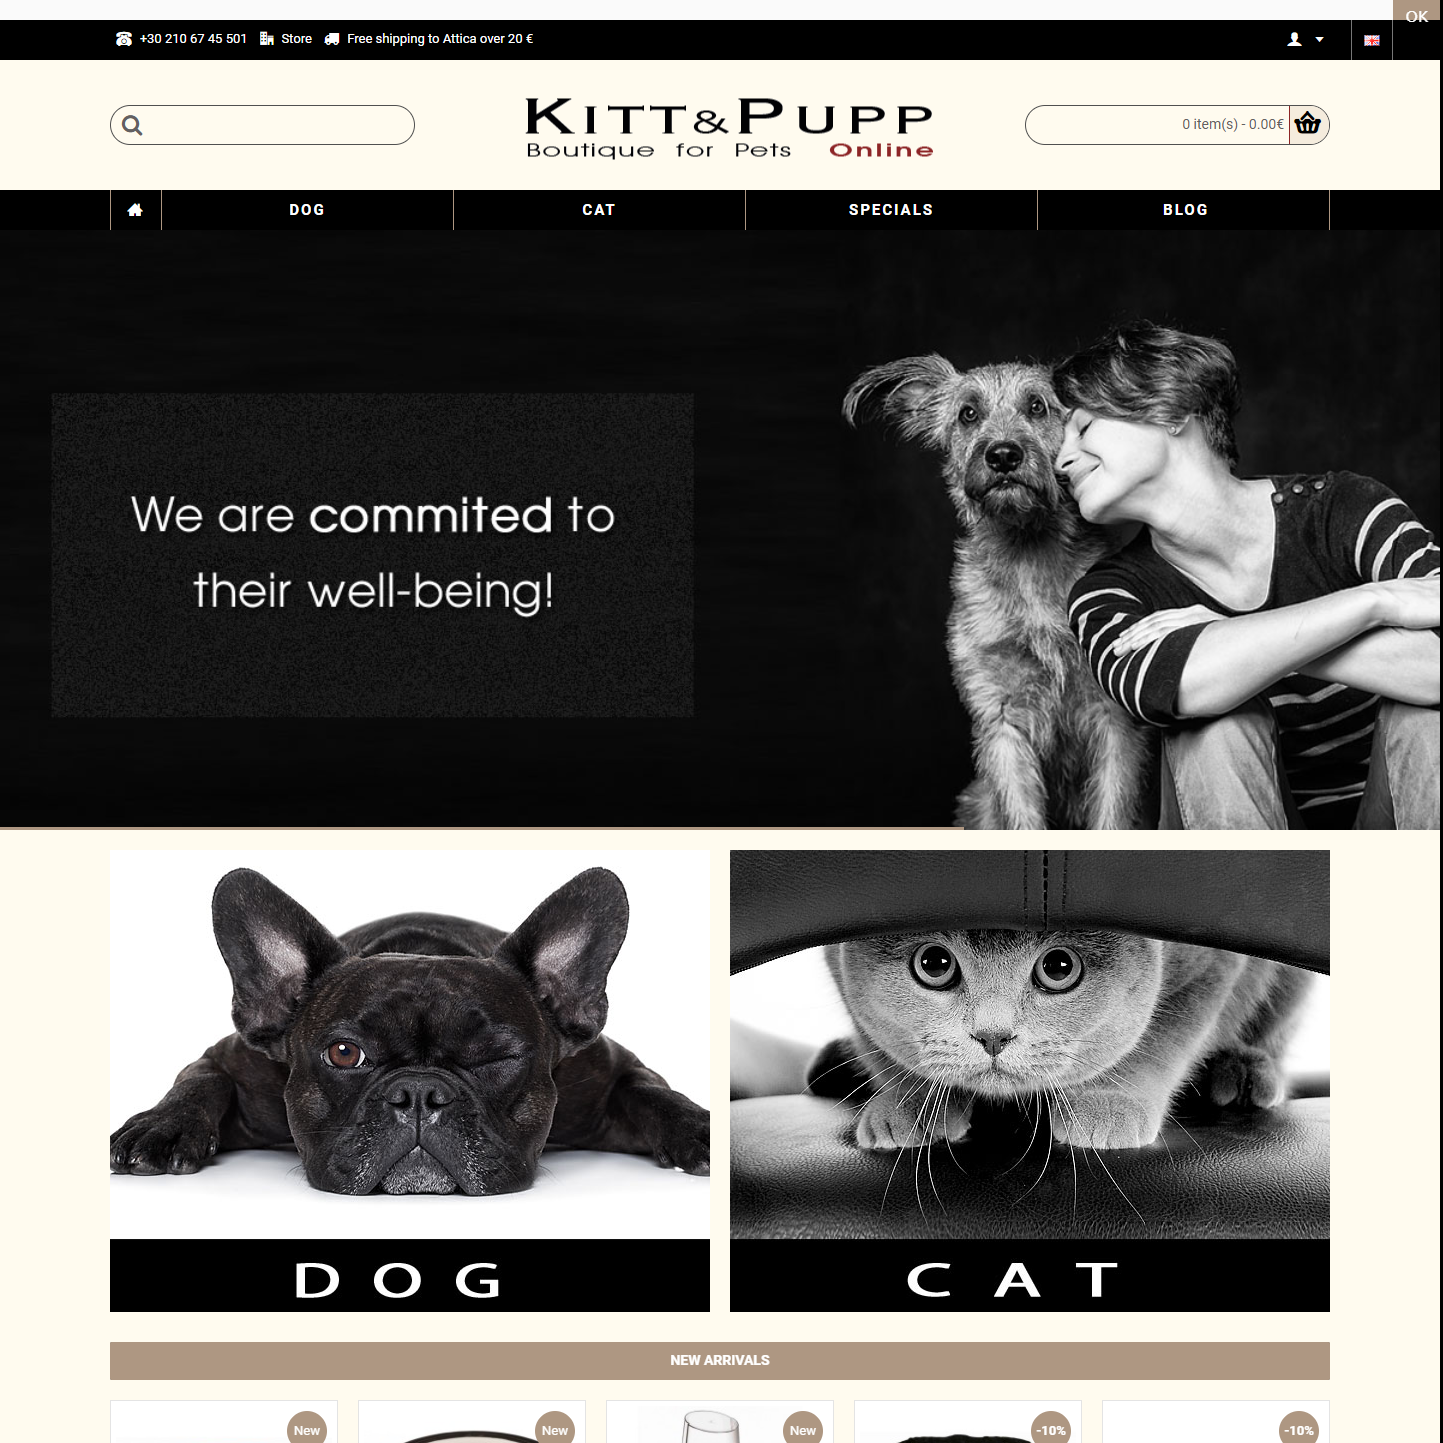 kitt-n-pupp.com